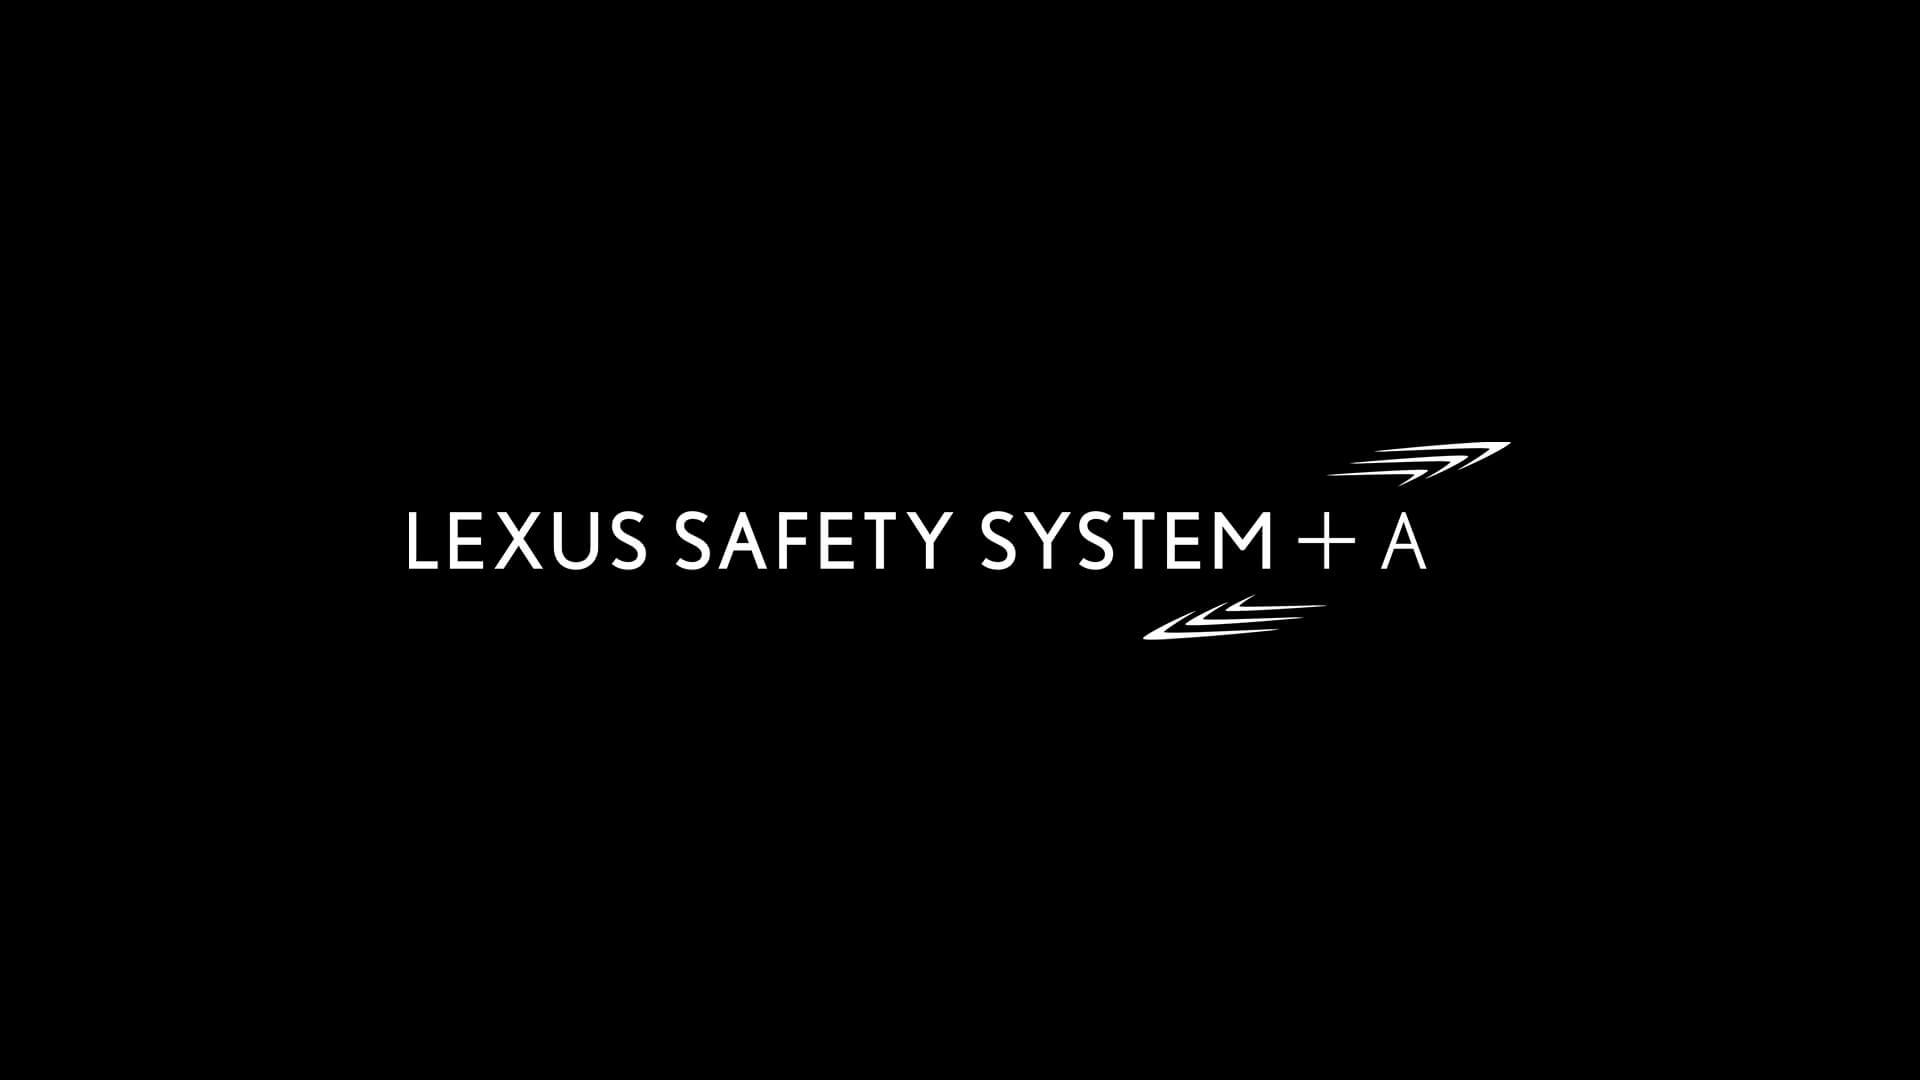 2018 lexus ls features lexus safety system plus a